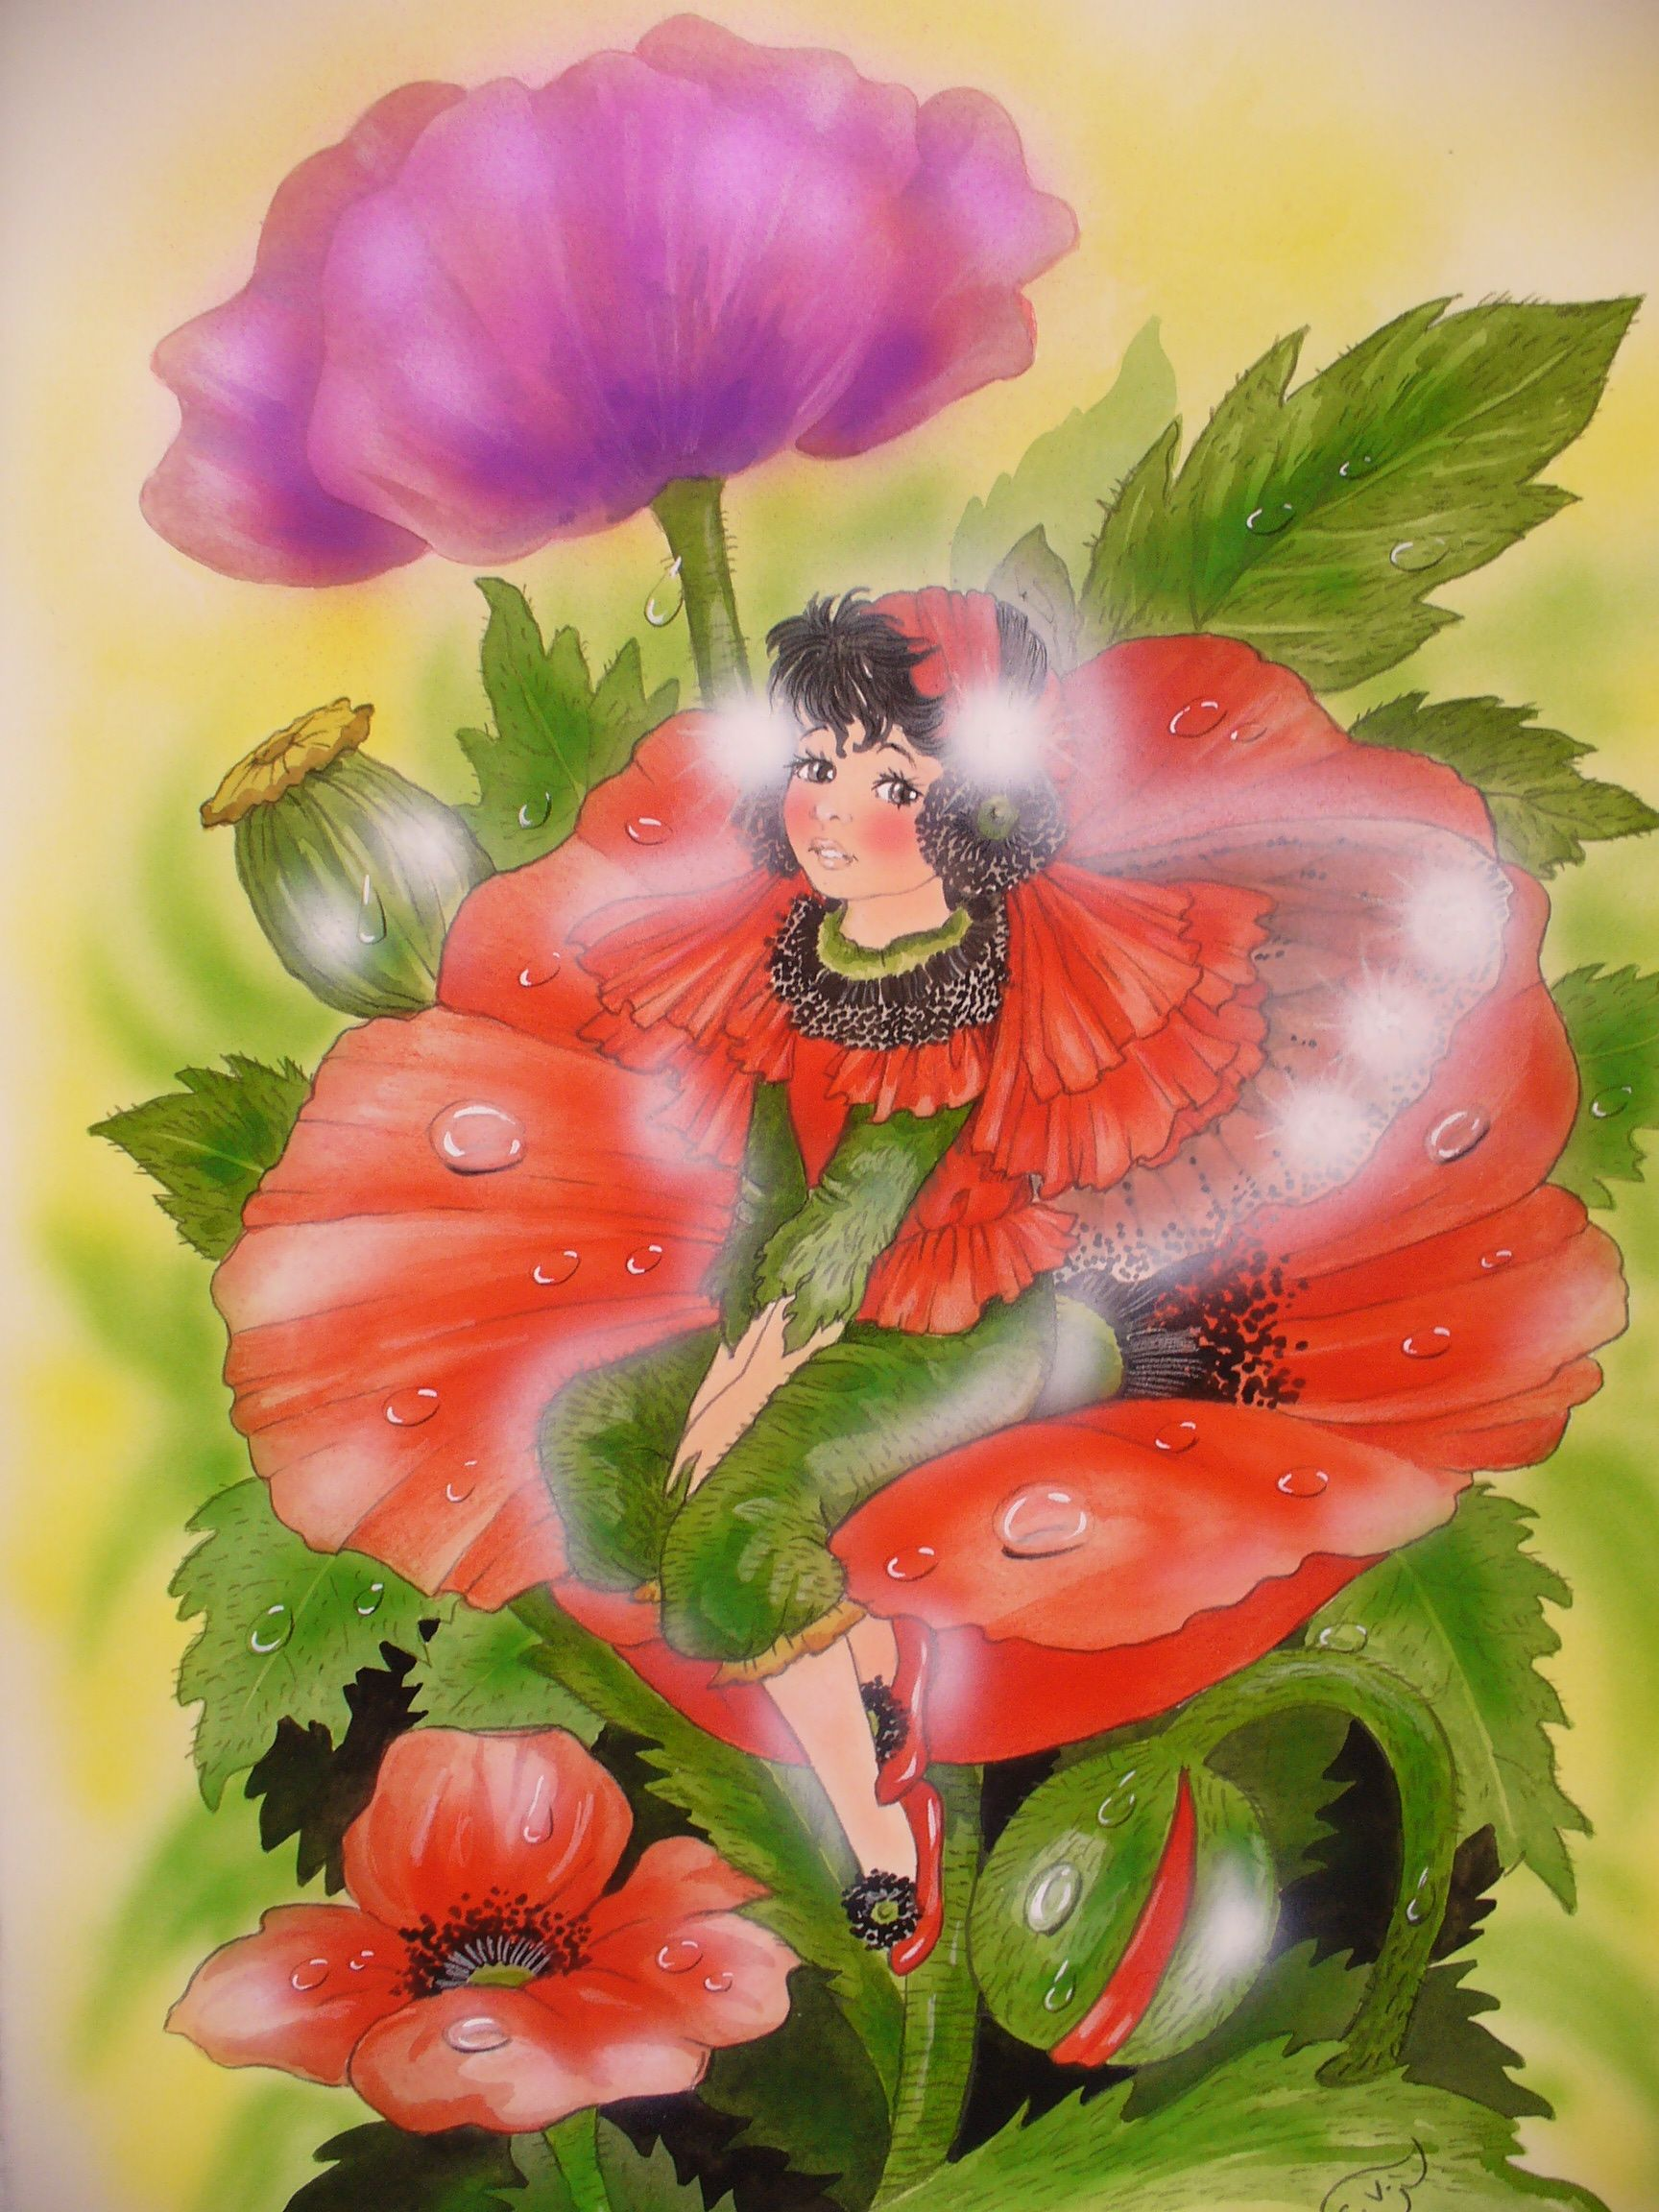 Auf Der Klatschmoonwiese Da Sitzt Das Mohnblumen Elfchen Ganz Traurig Weil Von Christl Vogl Elfchen Feen Bilder Engel Und Feen